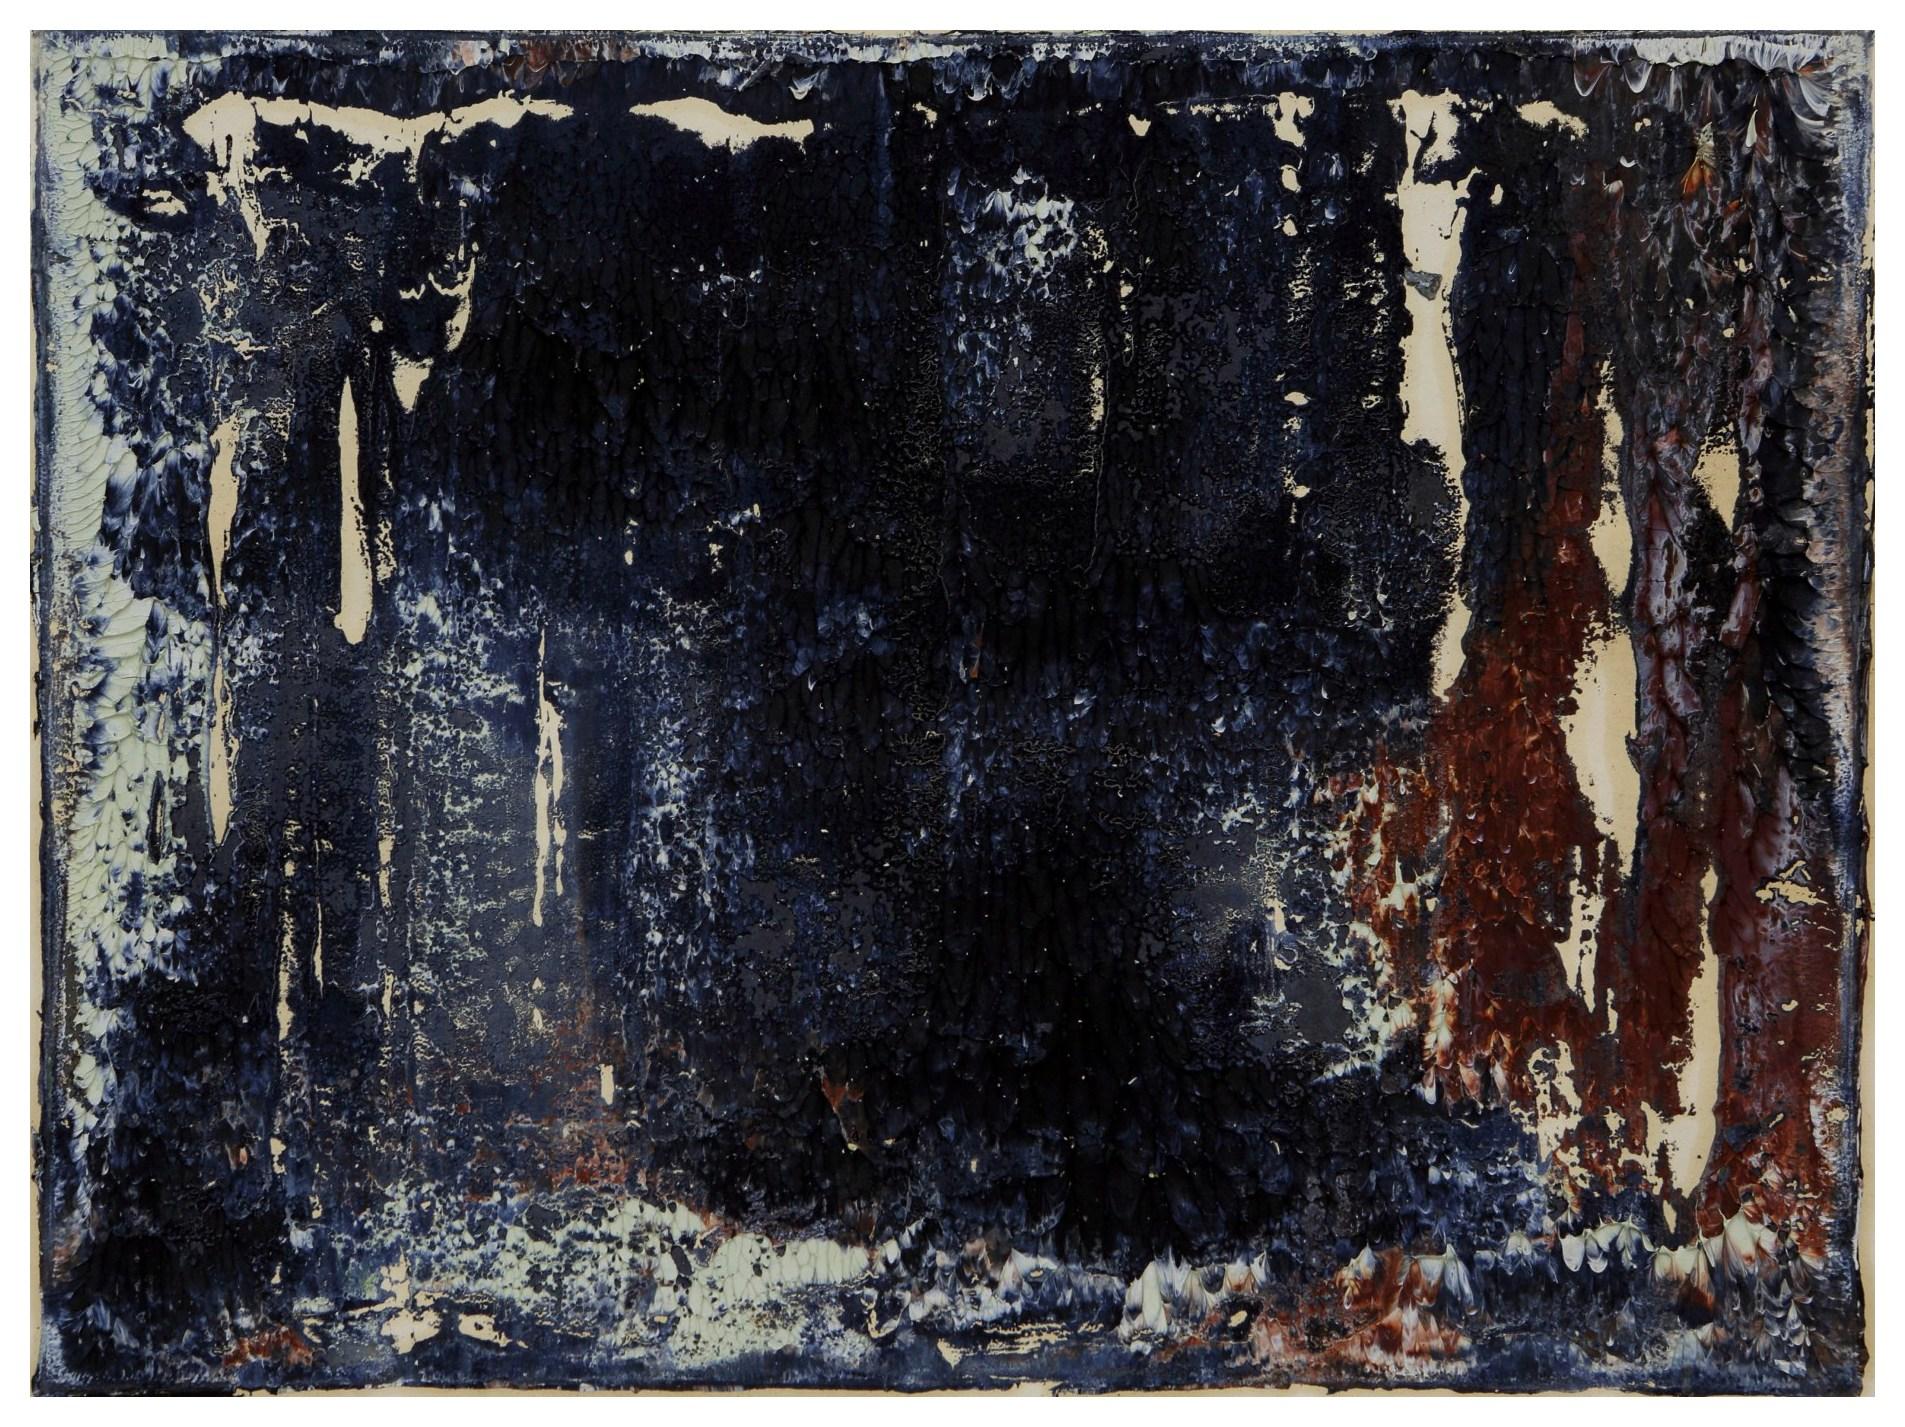 淨化之夜 Transfigured Night 90-12 1990 油彩、畫紙 30cm x 41cm